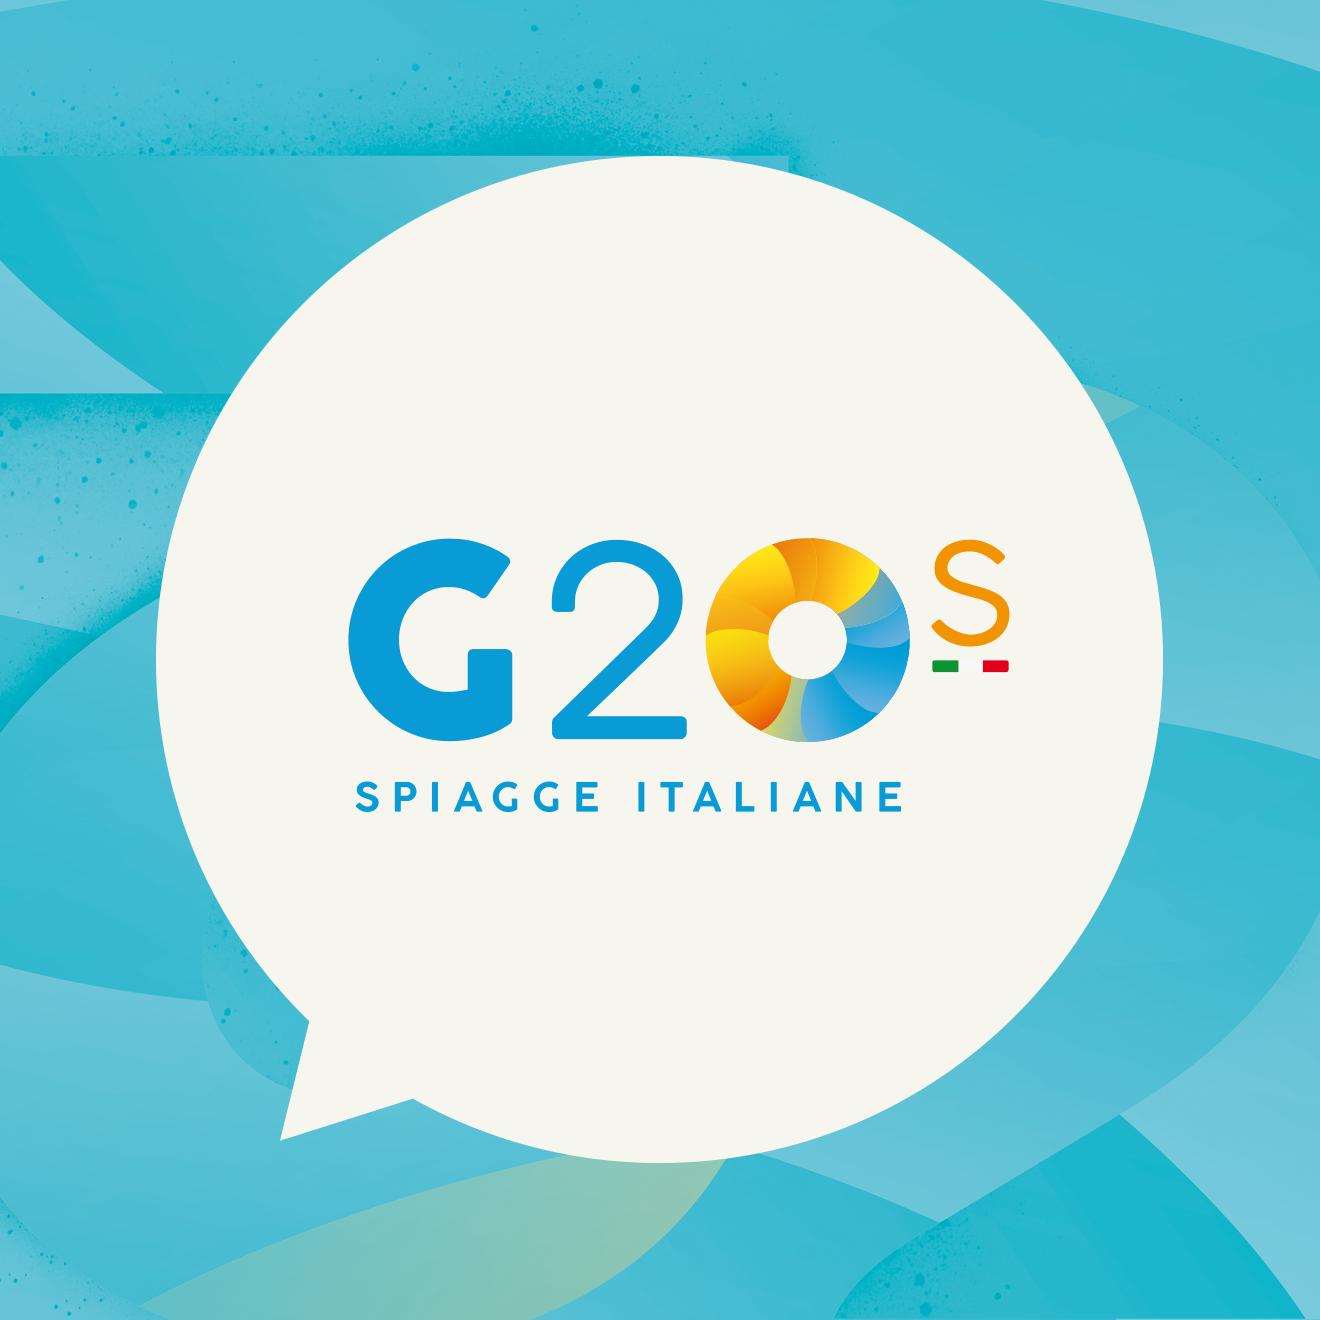 G20s 2018